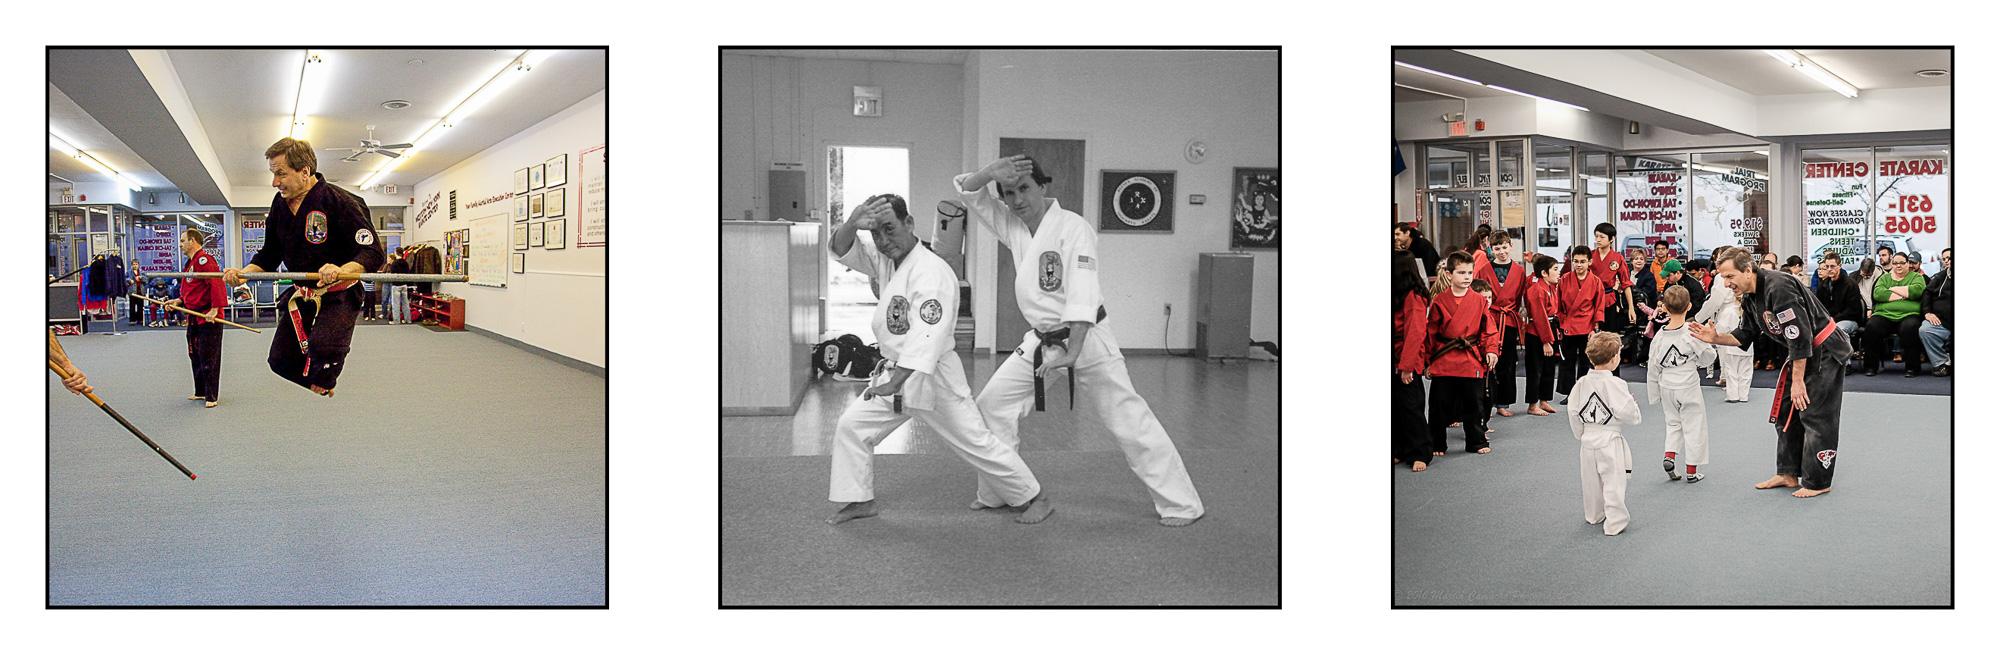 Hanshi Jim in class